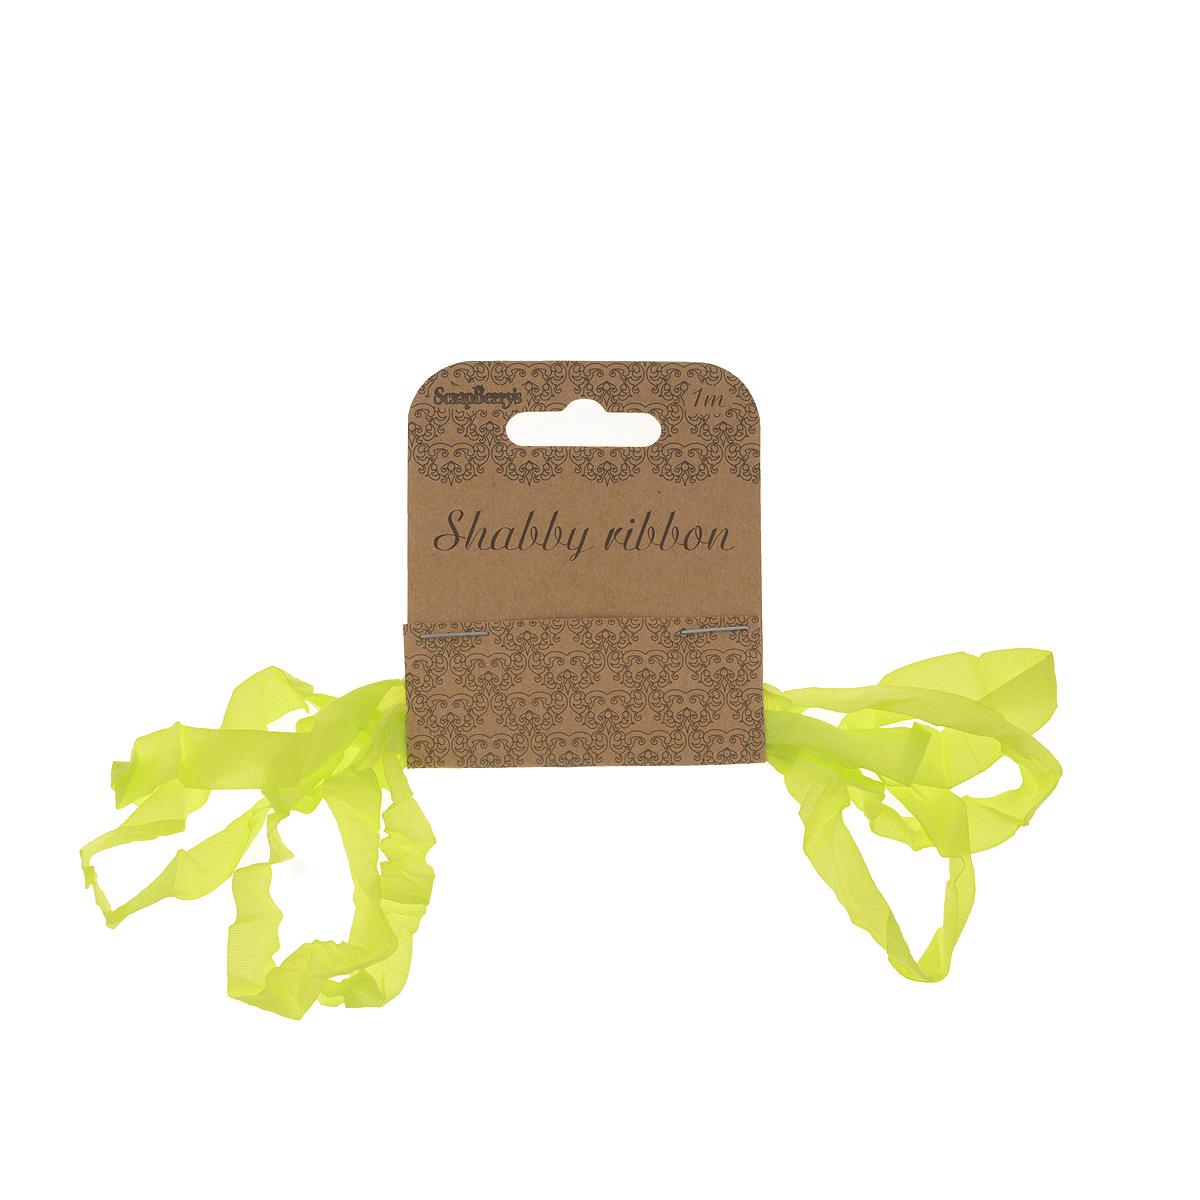 Шебби лента ScrapBerrys, цвет: лайм, 1 х 100 смSCB510116Шебби лента ScrapBerrys, выполненная из текстиля, используется чаще всего в мятом (жатом) виде в работах в стиле шебби-шик, благодаря чему и получила свое название шебби лента.Ее присутствие в работе придает изысканность и особый шарм и привносит нотку утонченной нежности. Ширина: 1 см. Длина: 1 м.